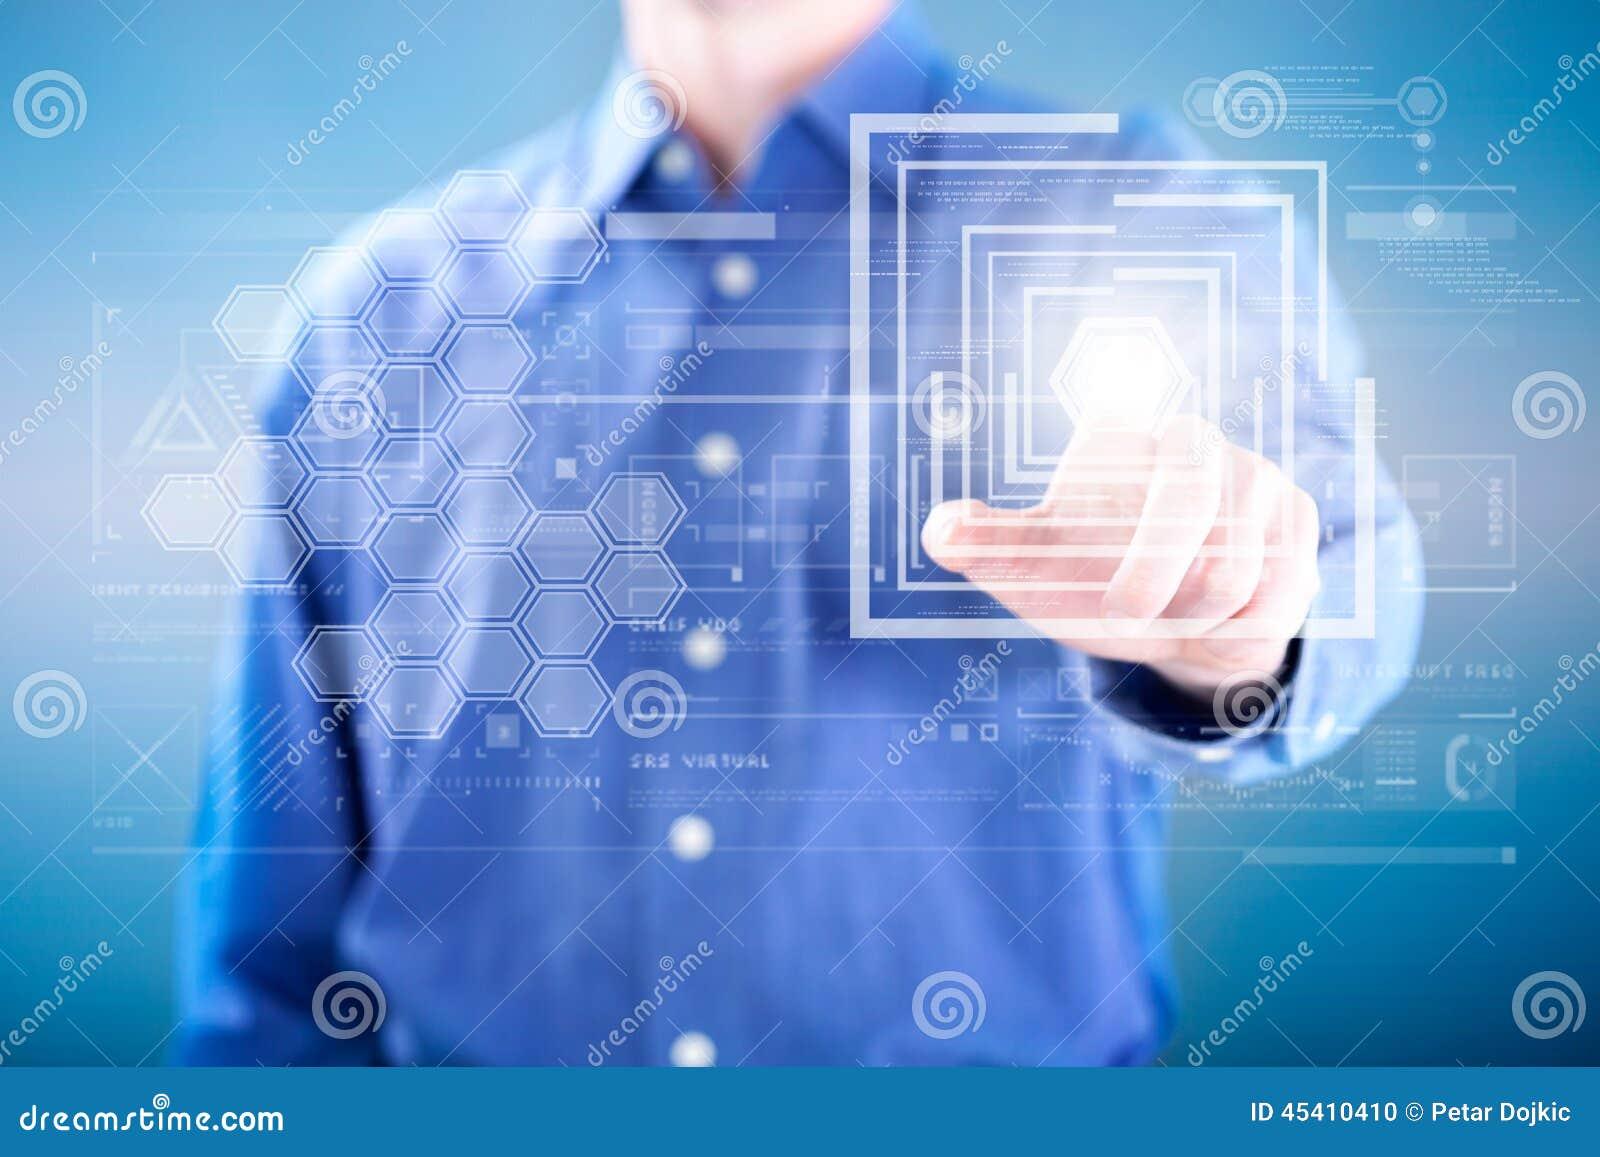 Biznesowego mężczyzna odciskanie na guziku cyfrowy wirtualny ekran